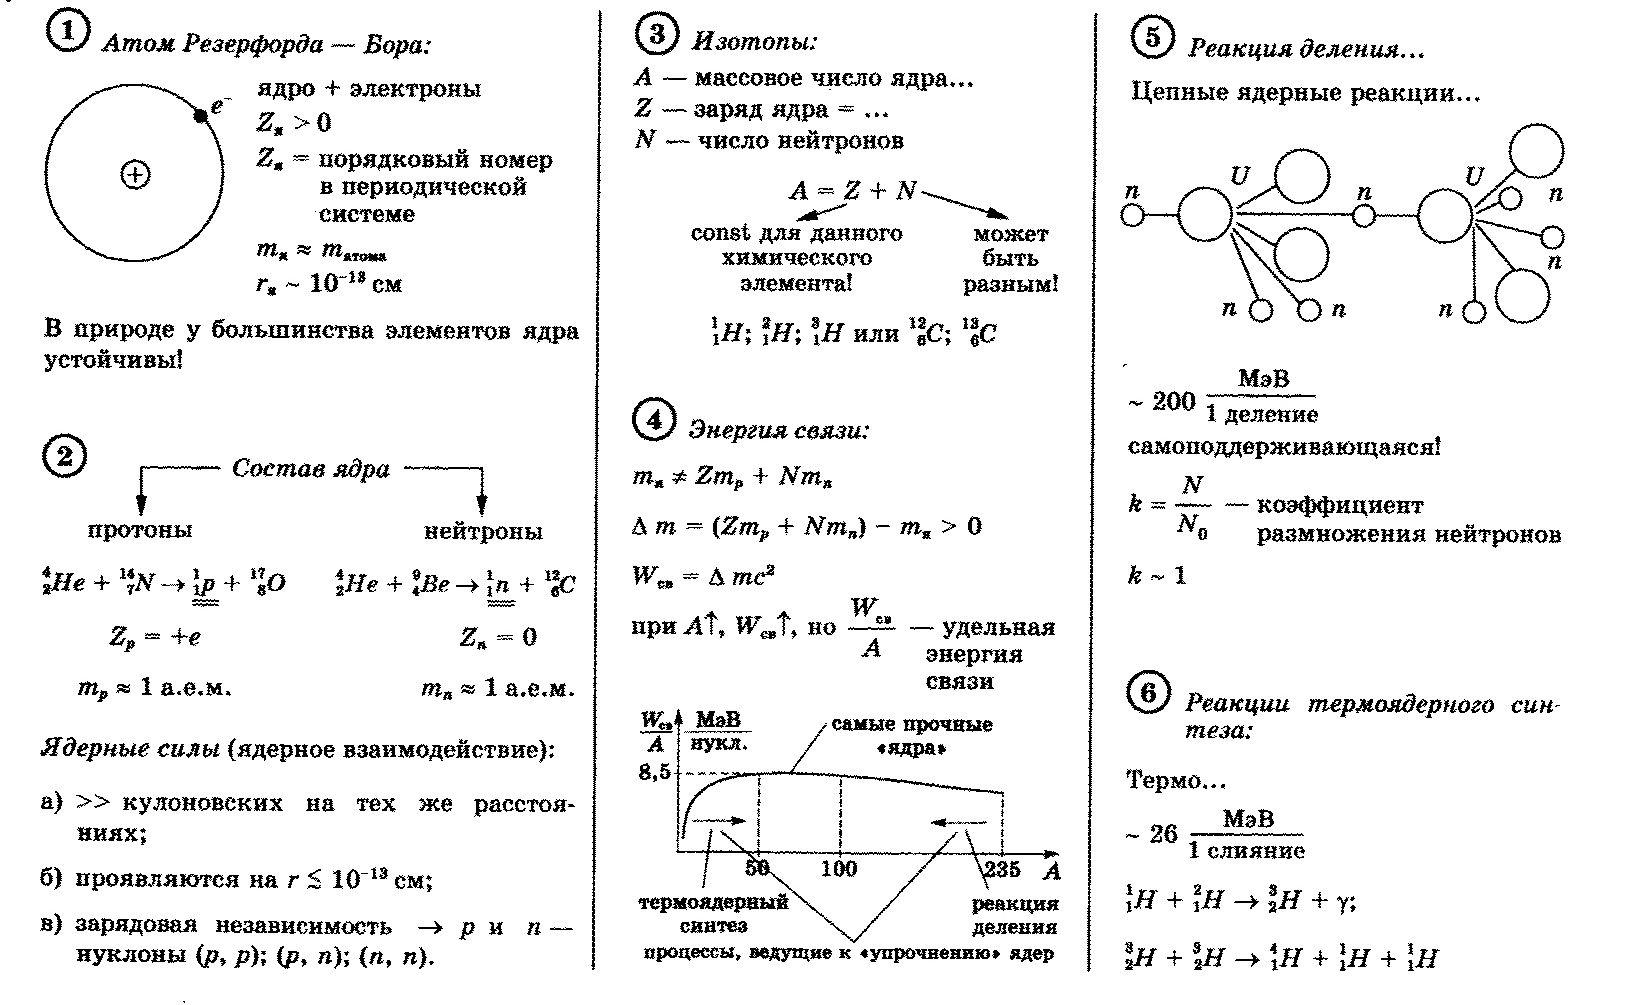 49.цепная ядерная реакция. управляемая цепная реакция